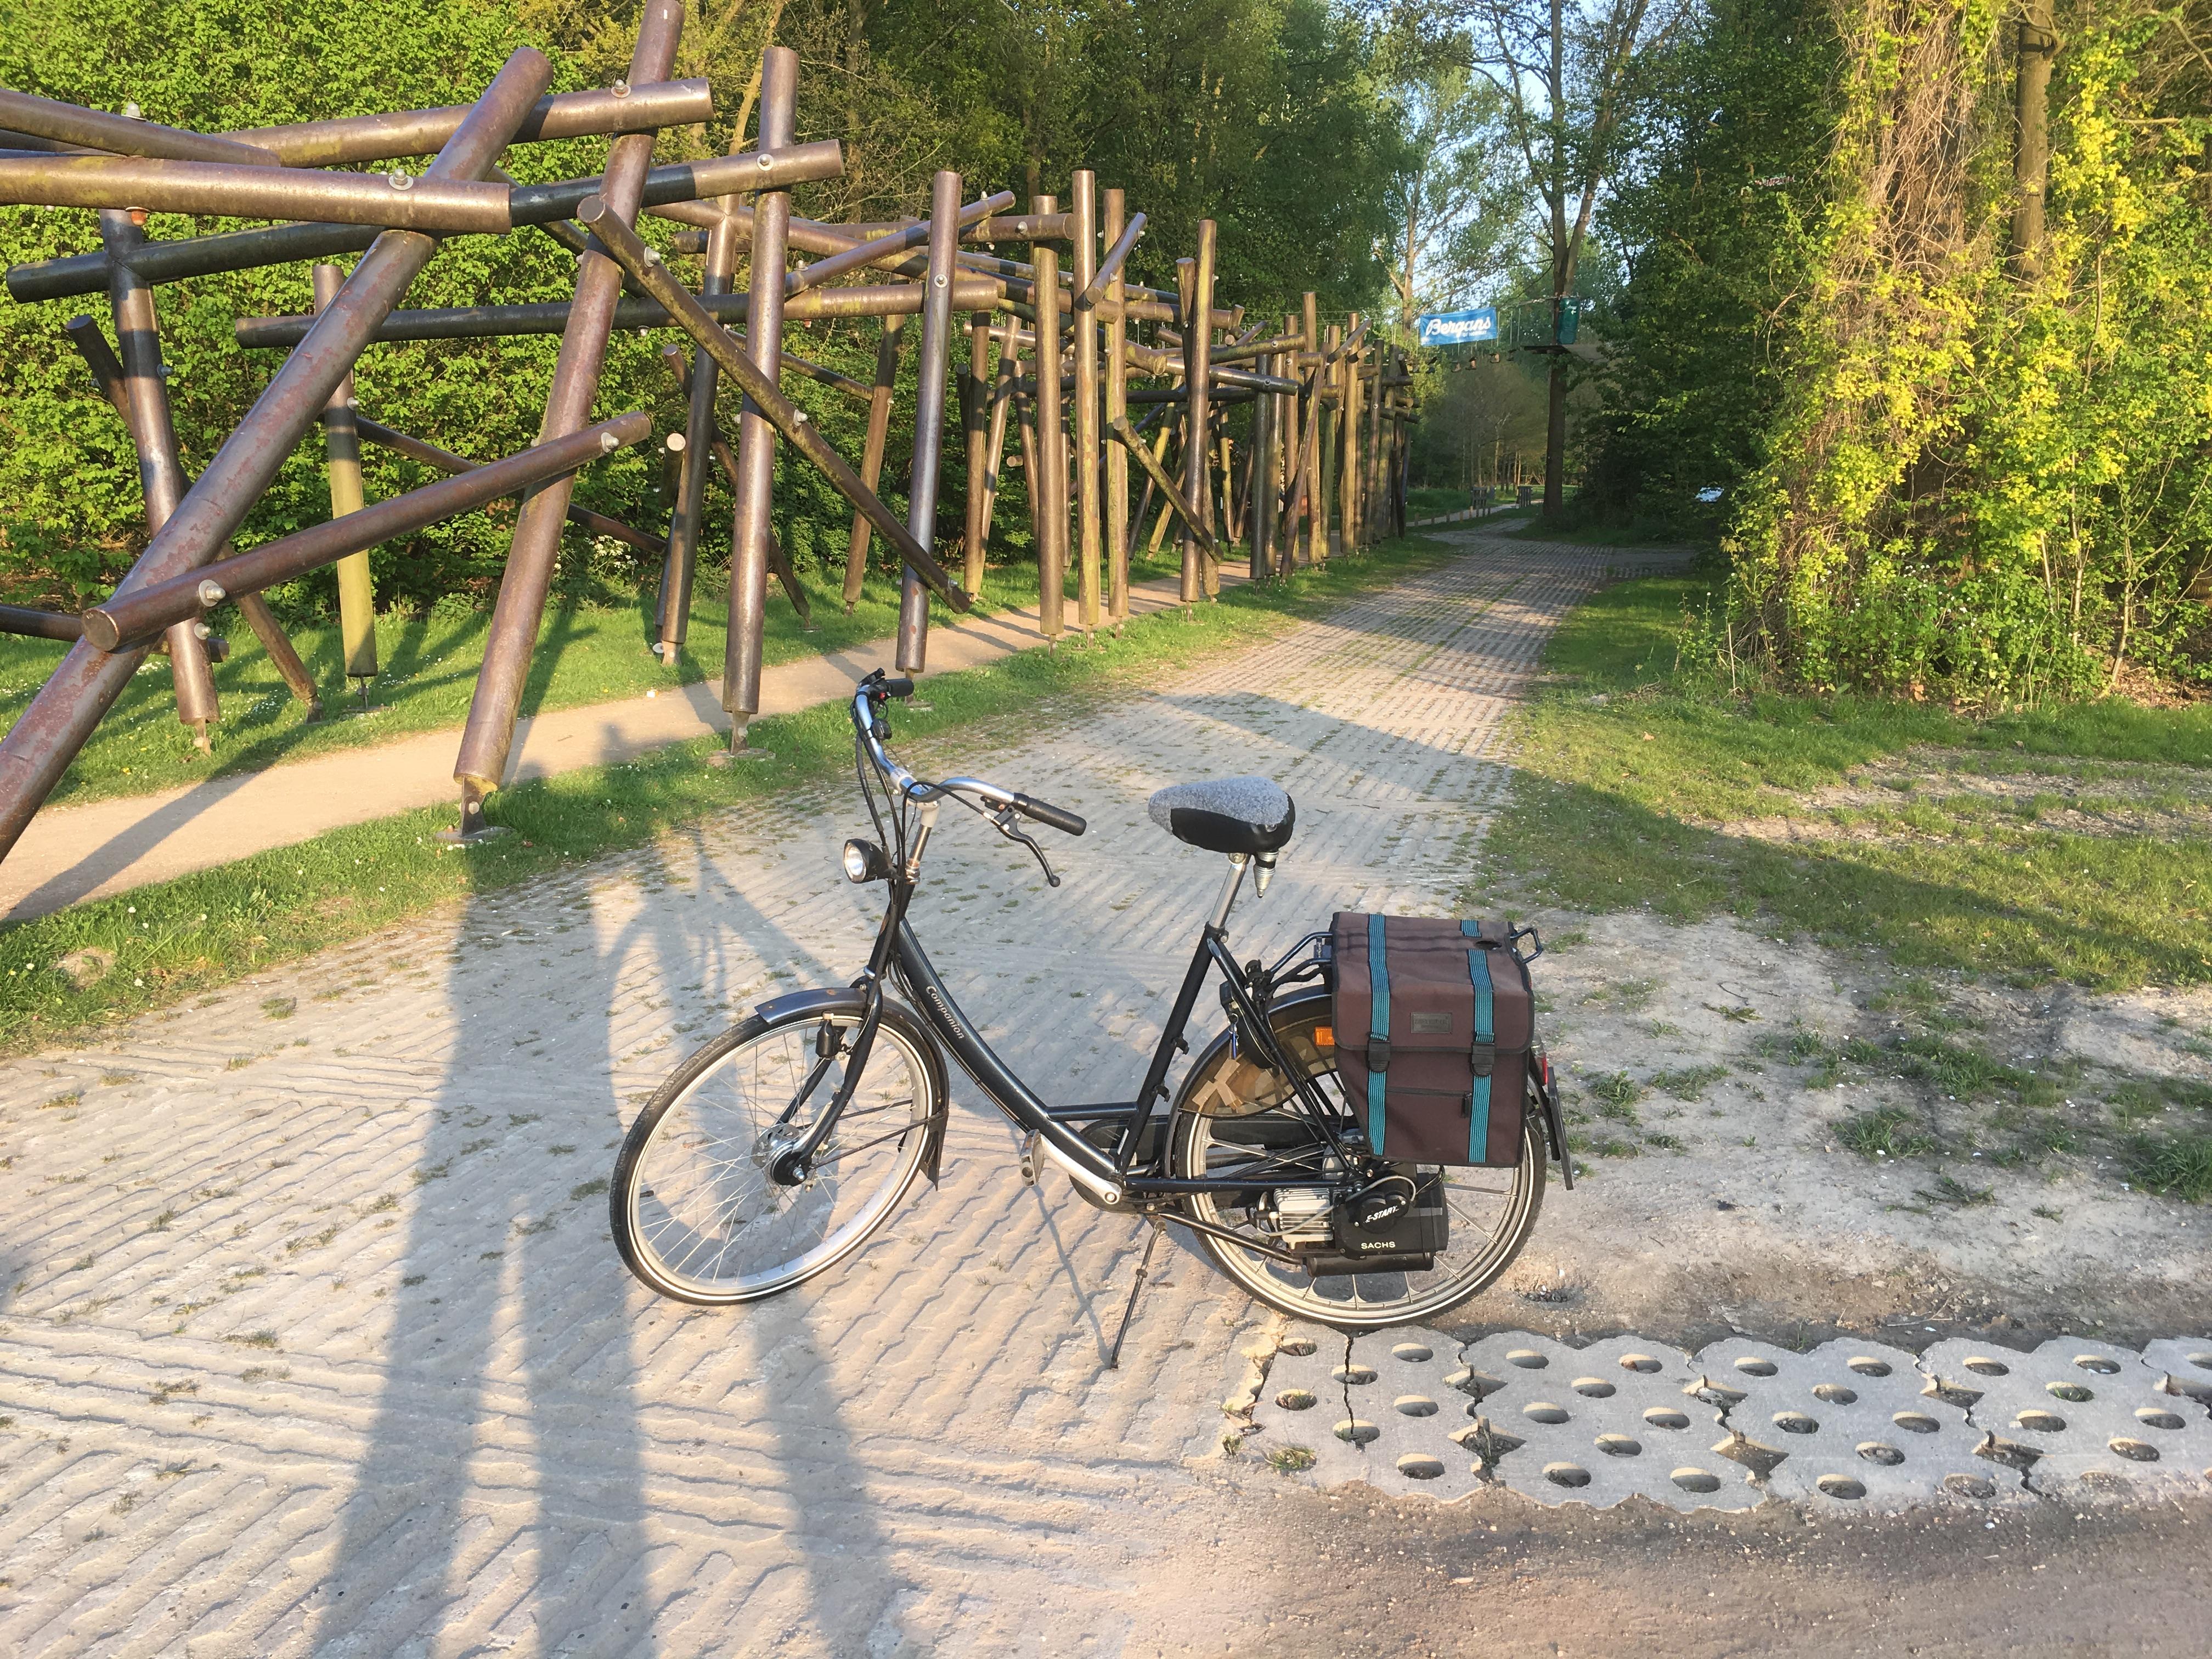 Almere Bike Tour - Southern Dike & Kemphaan - Almere Tours